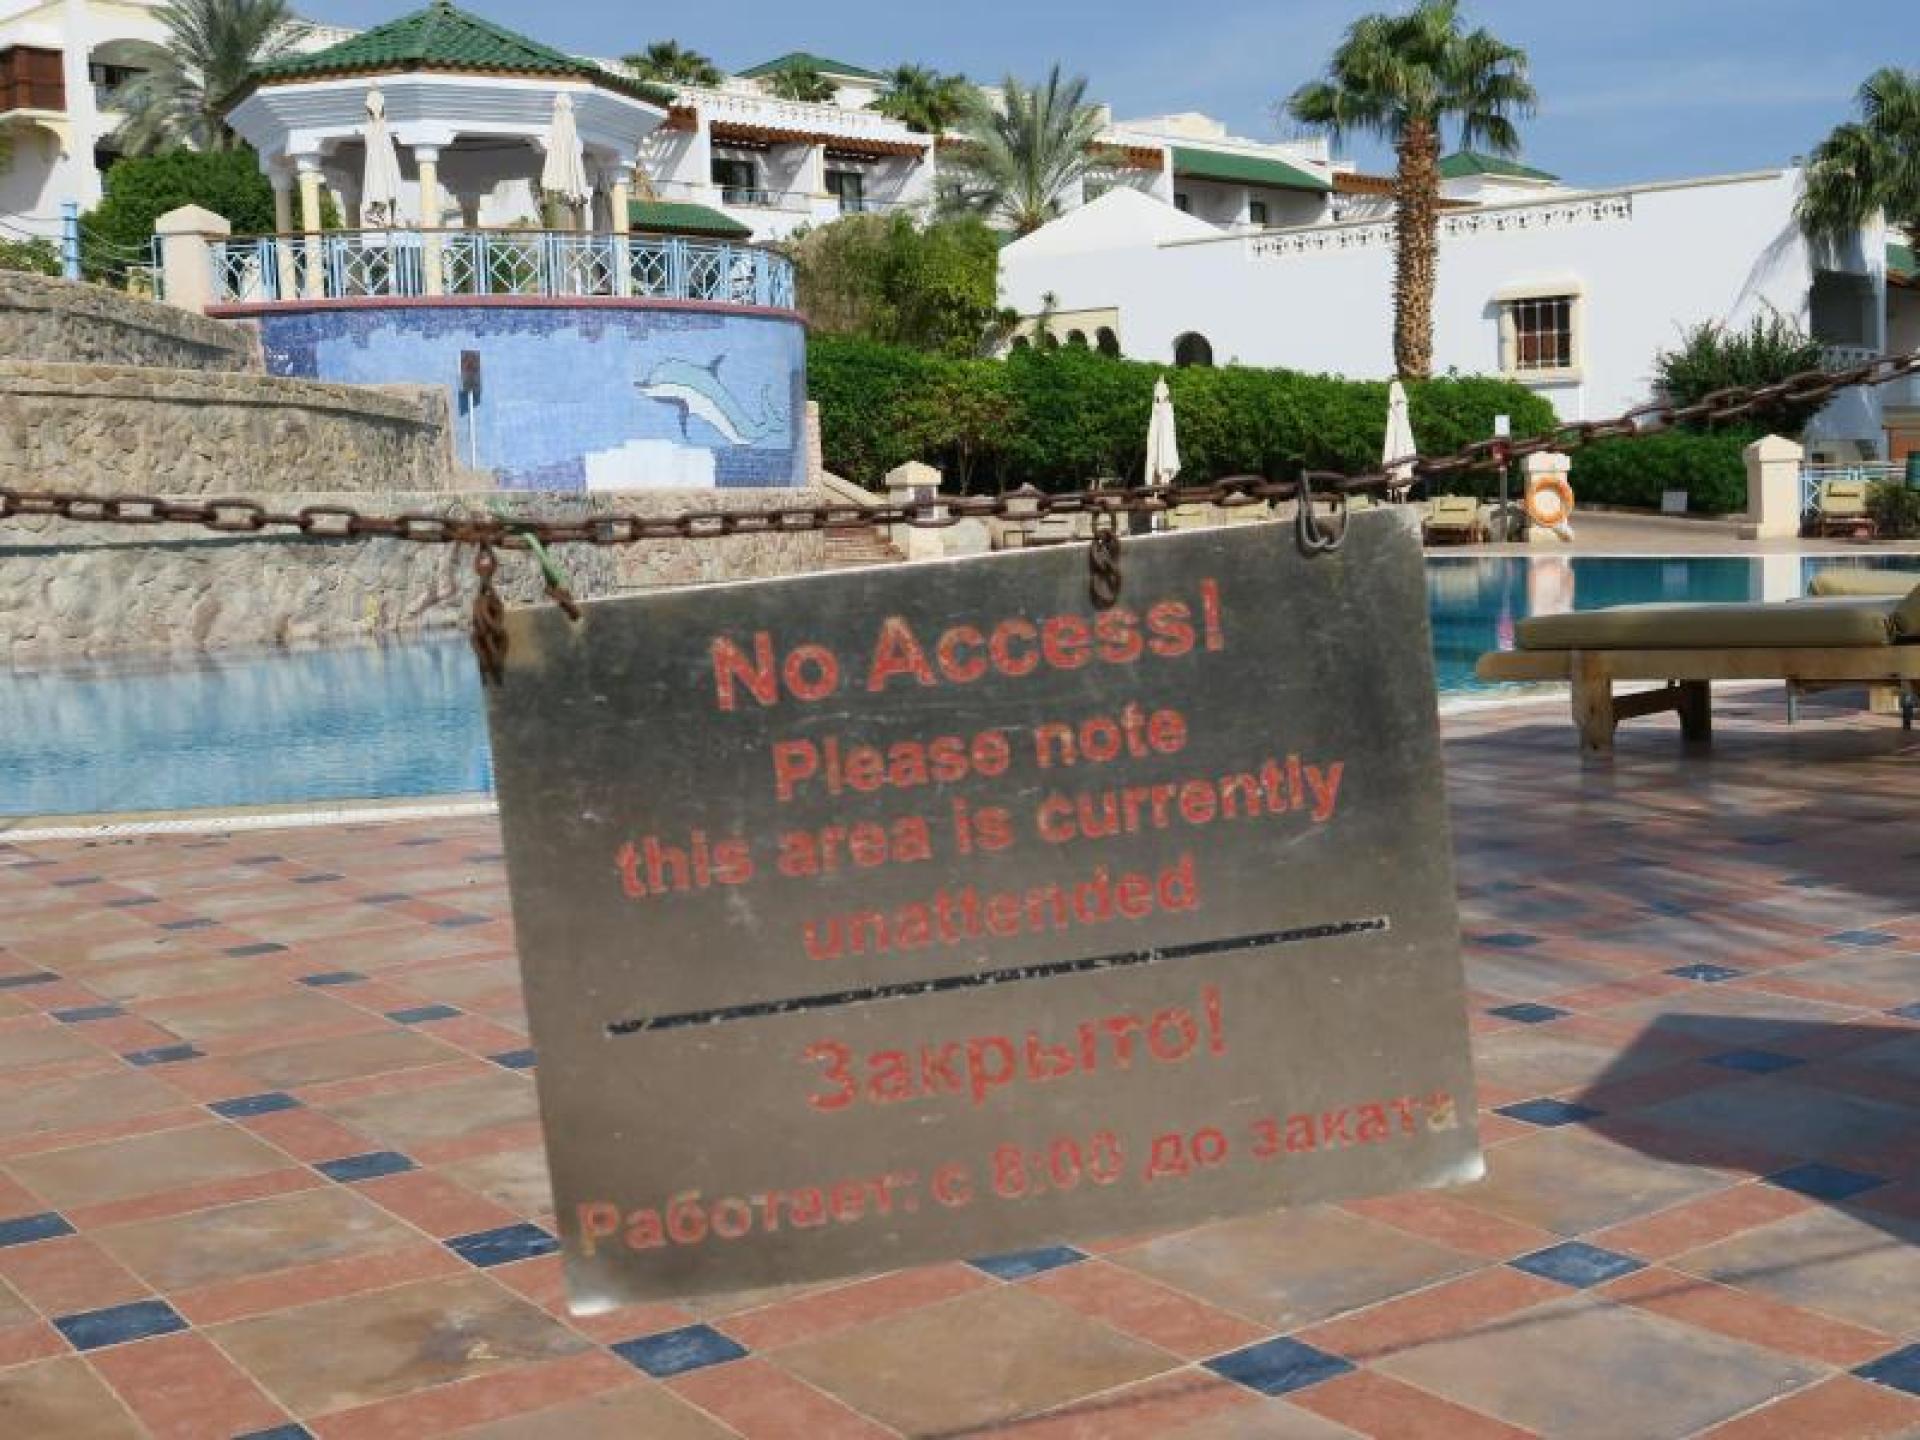 Sportanlage im Urlaub defekt? Das kann als Mangel gelten!